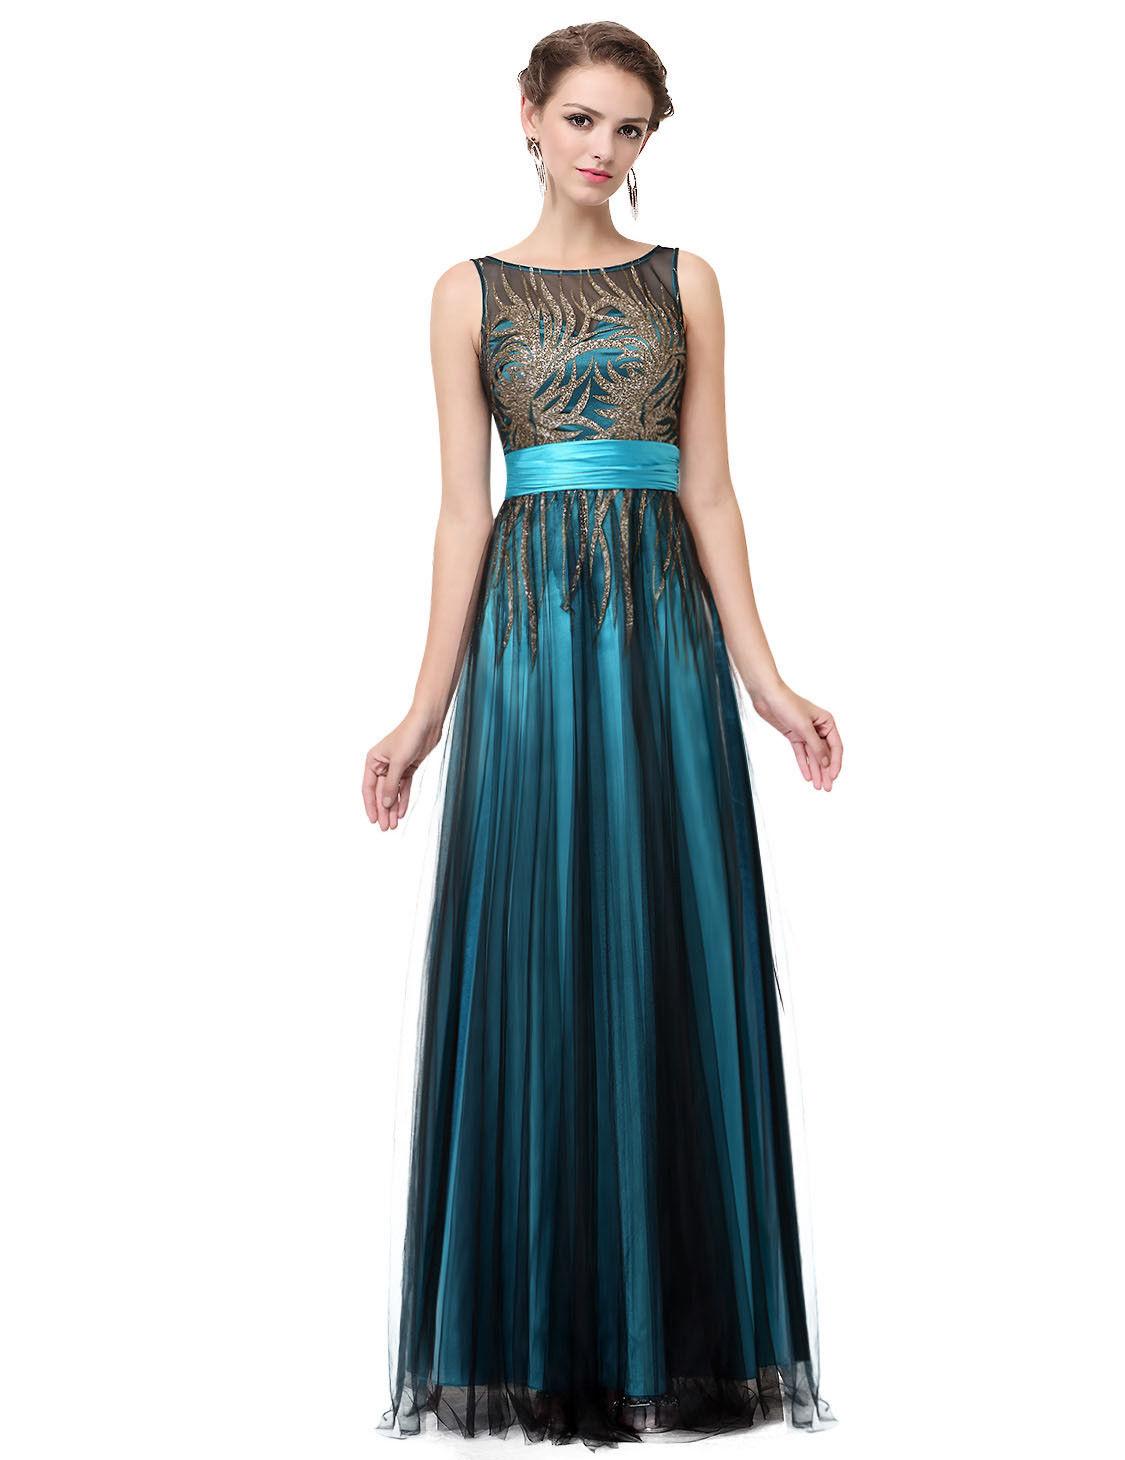 Šaty do tanečních levně na věneček závěrečnou  b80a8f870d